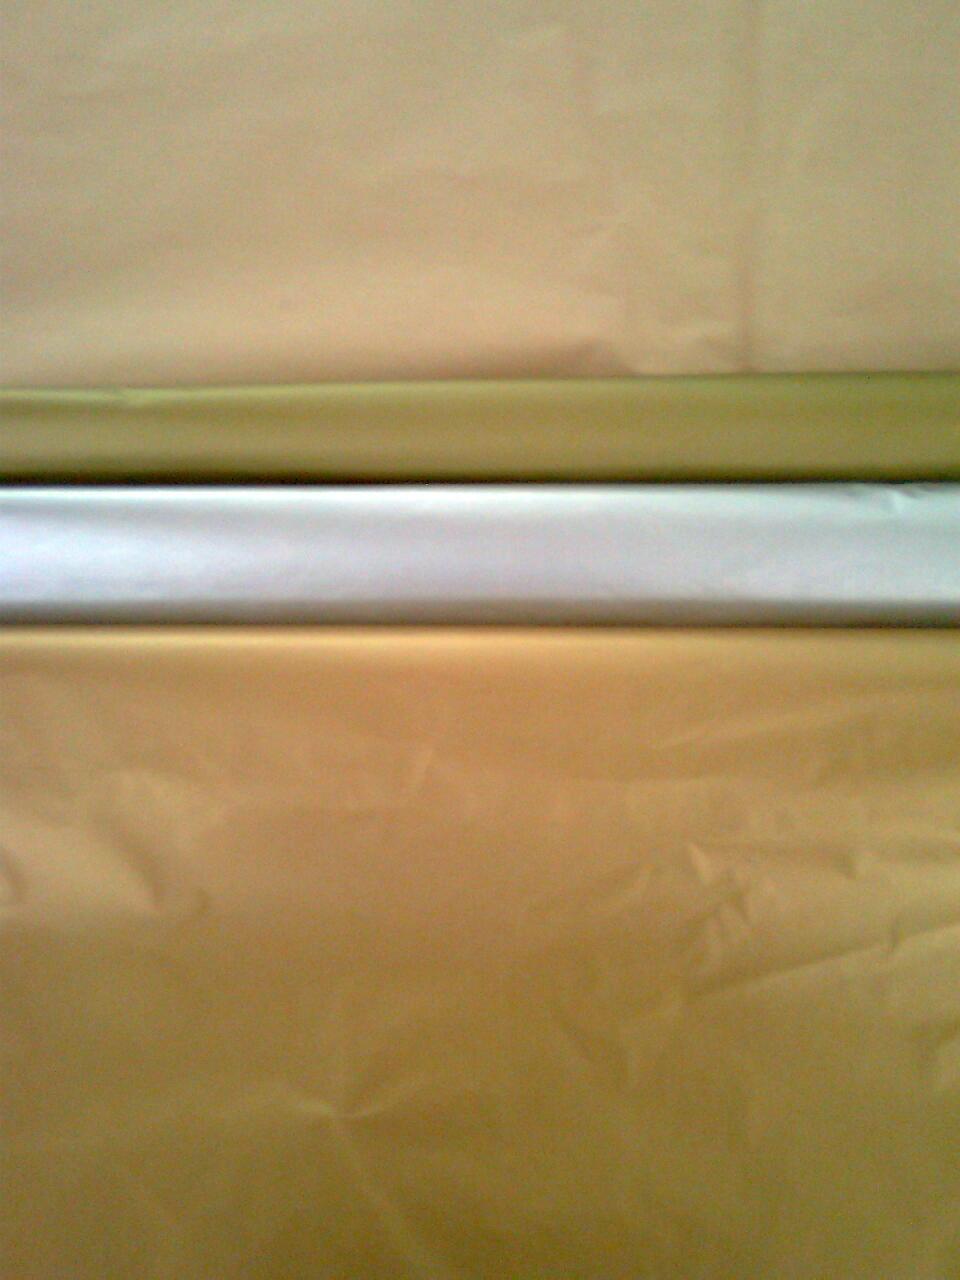 供应金色棉纸拷贝纸印刷腊光纸